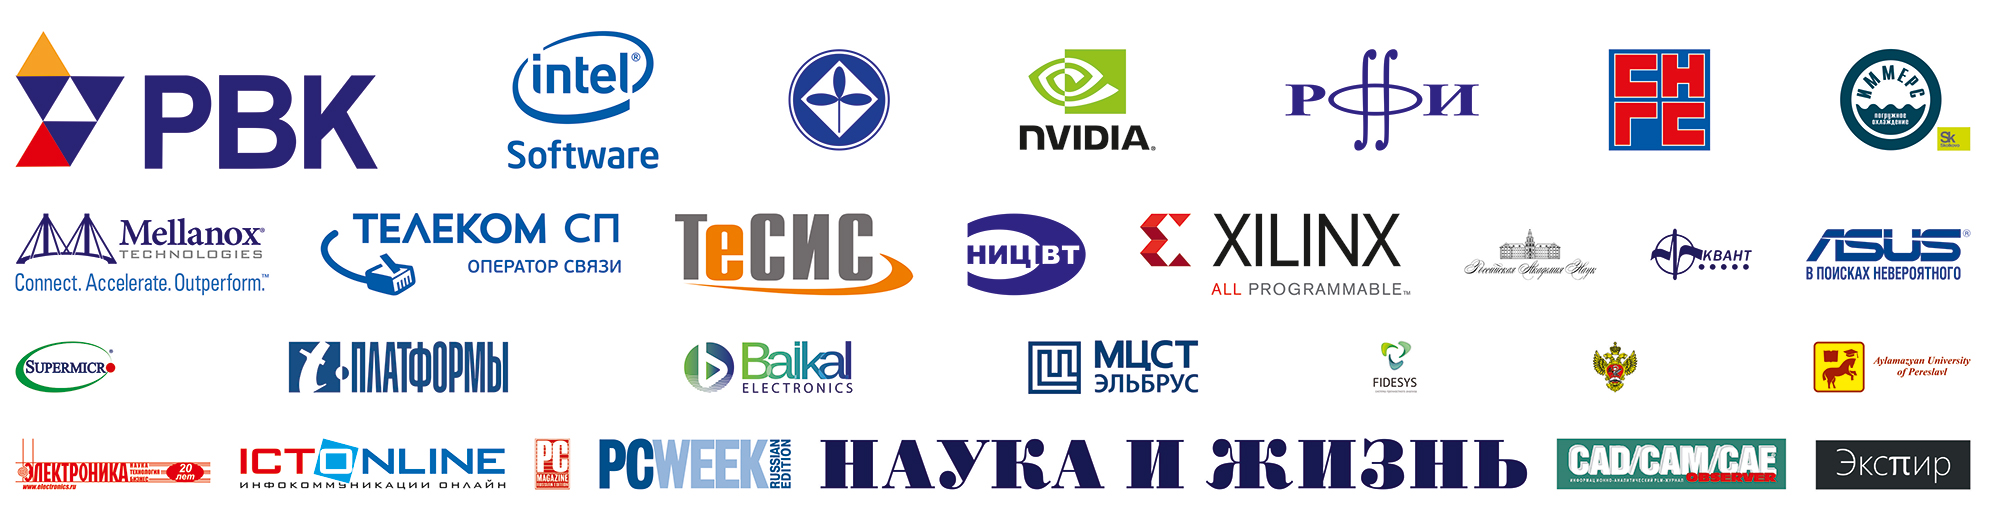 Спонсоры и партнеры НСКФ 2016